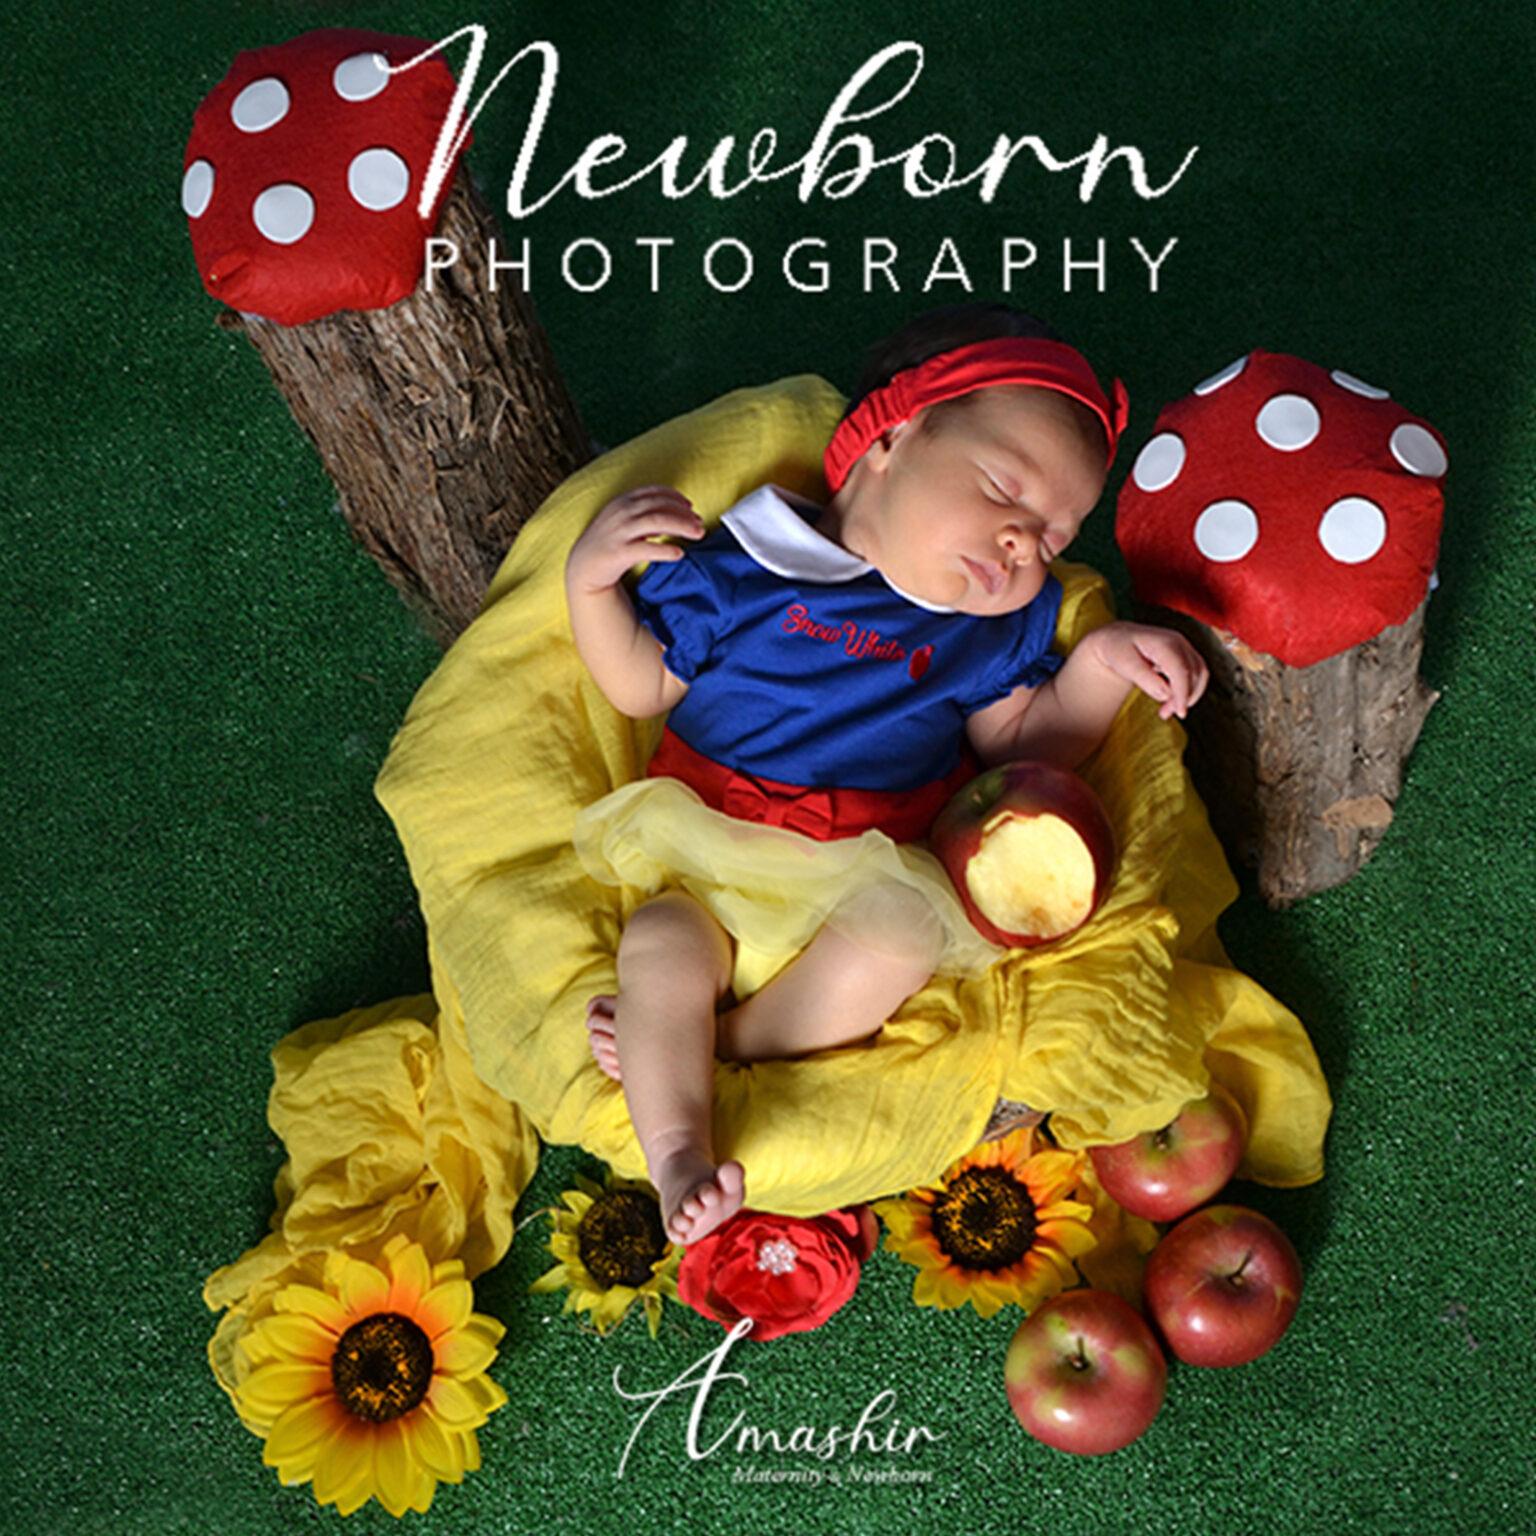 Amashir Photo Newborn Teruel 26